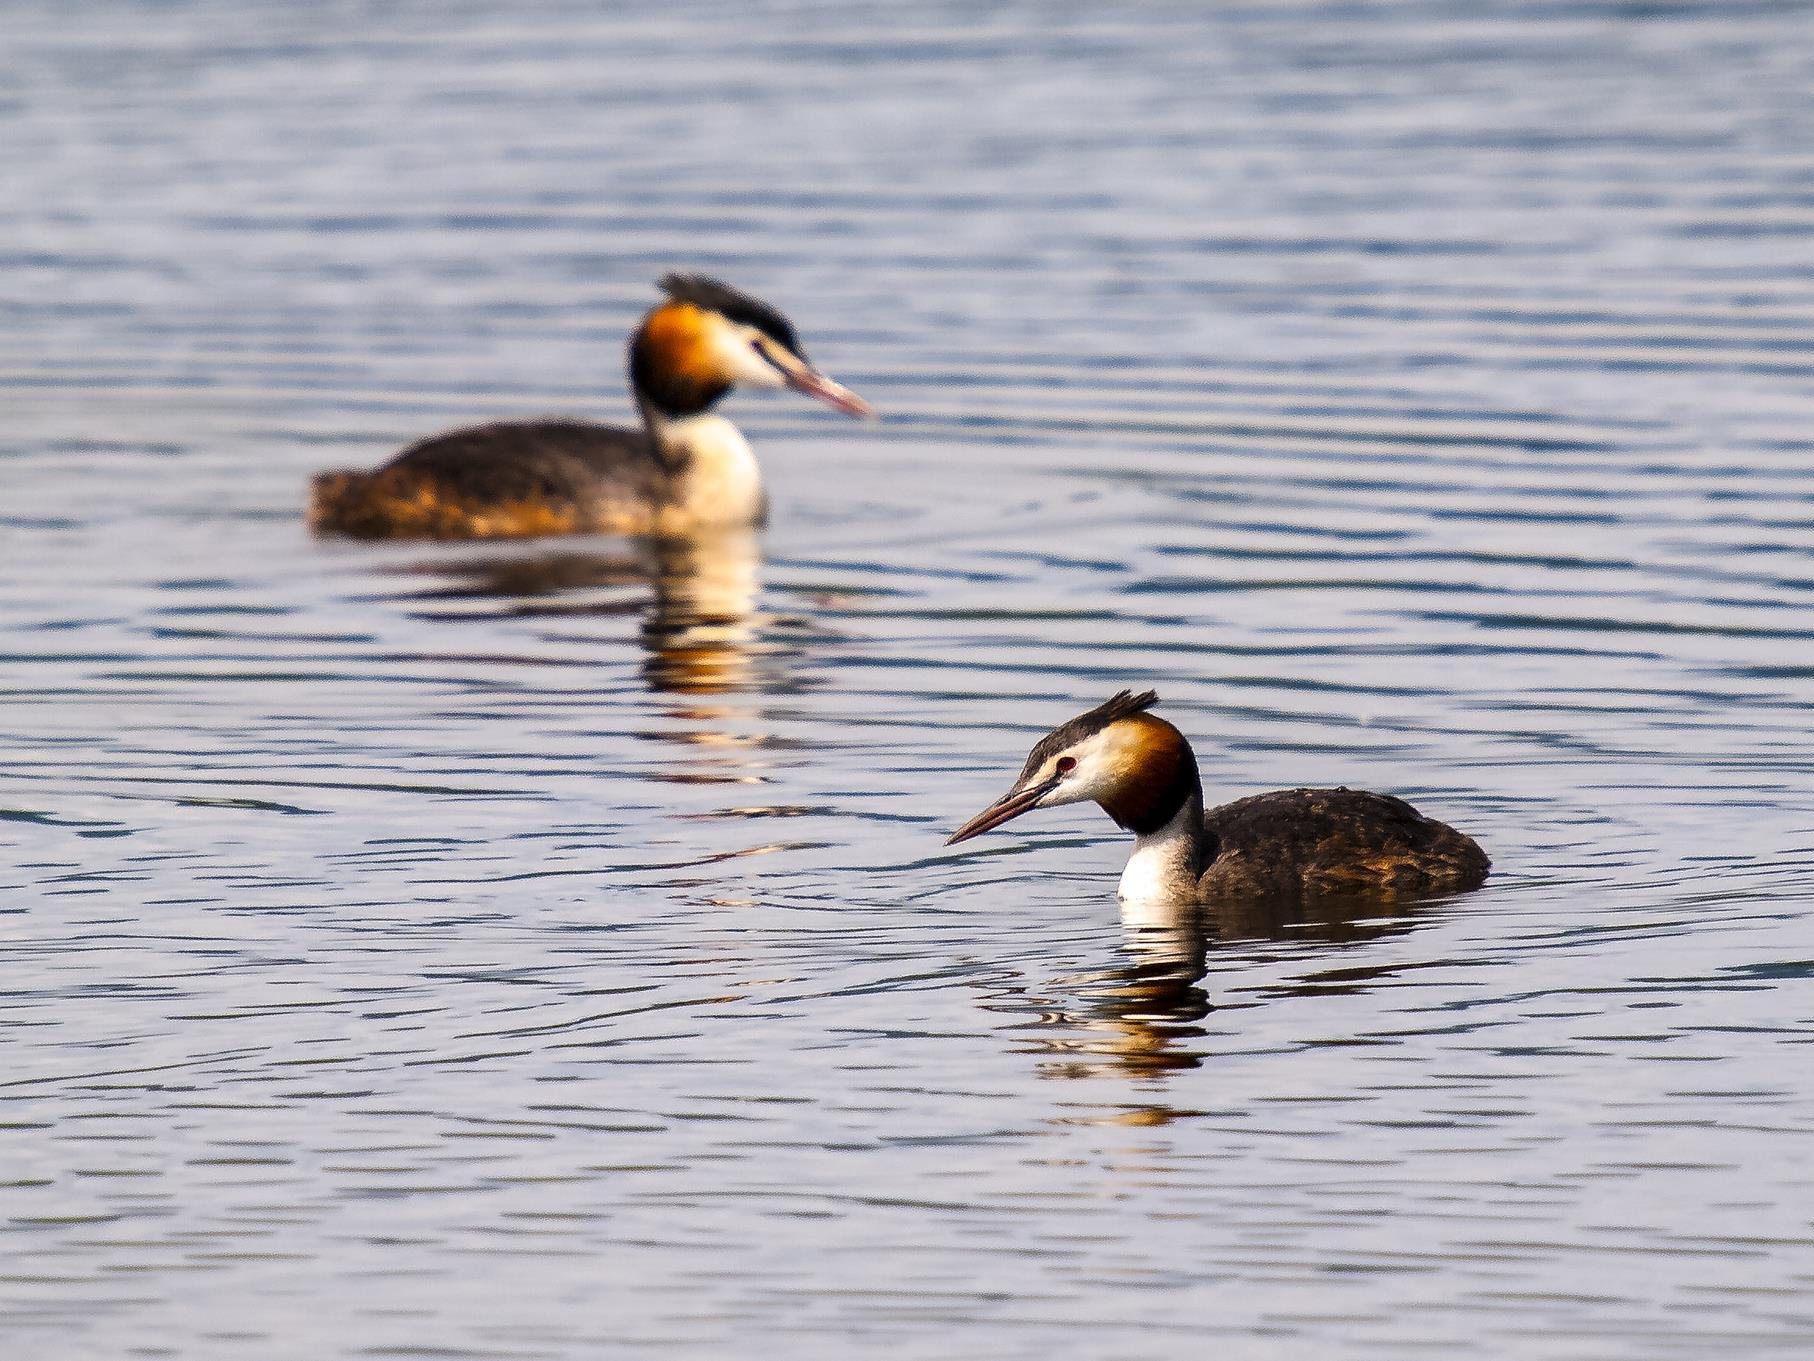 Zwei Haubentaucher schwimmen auf dem Kiesteich.